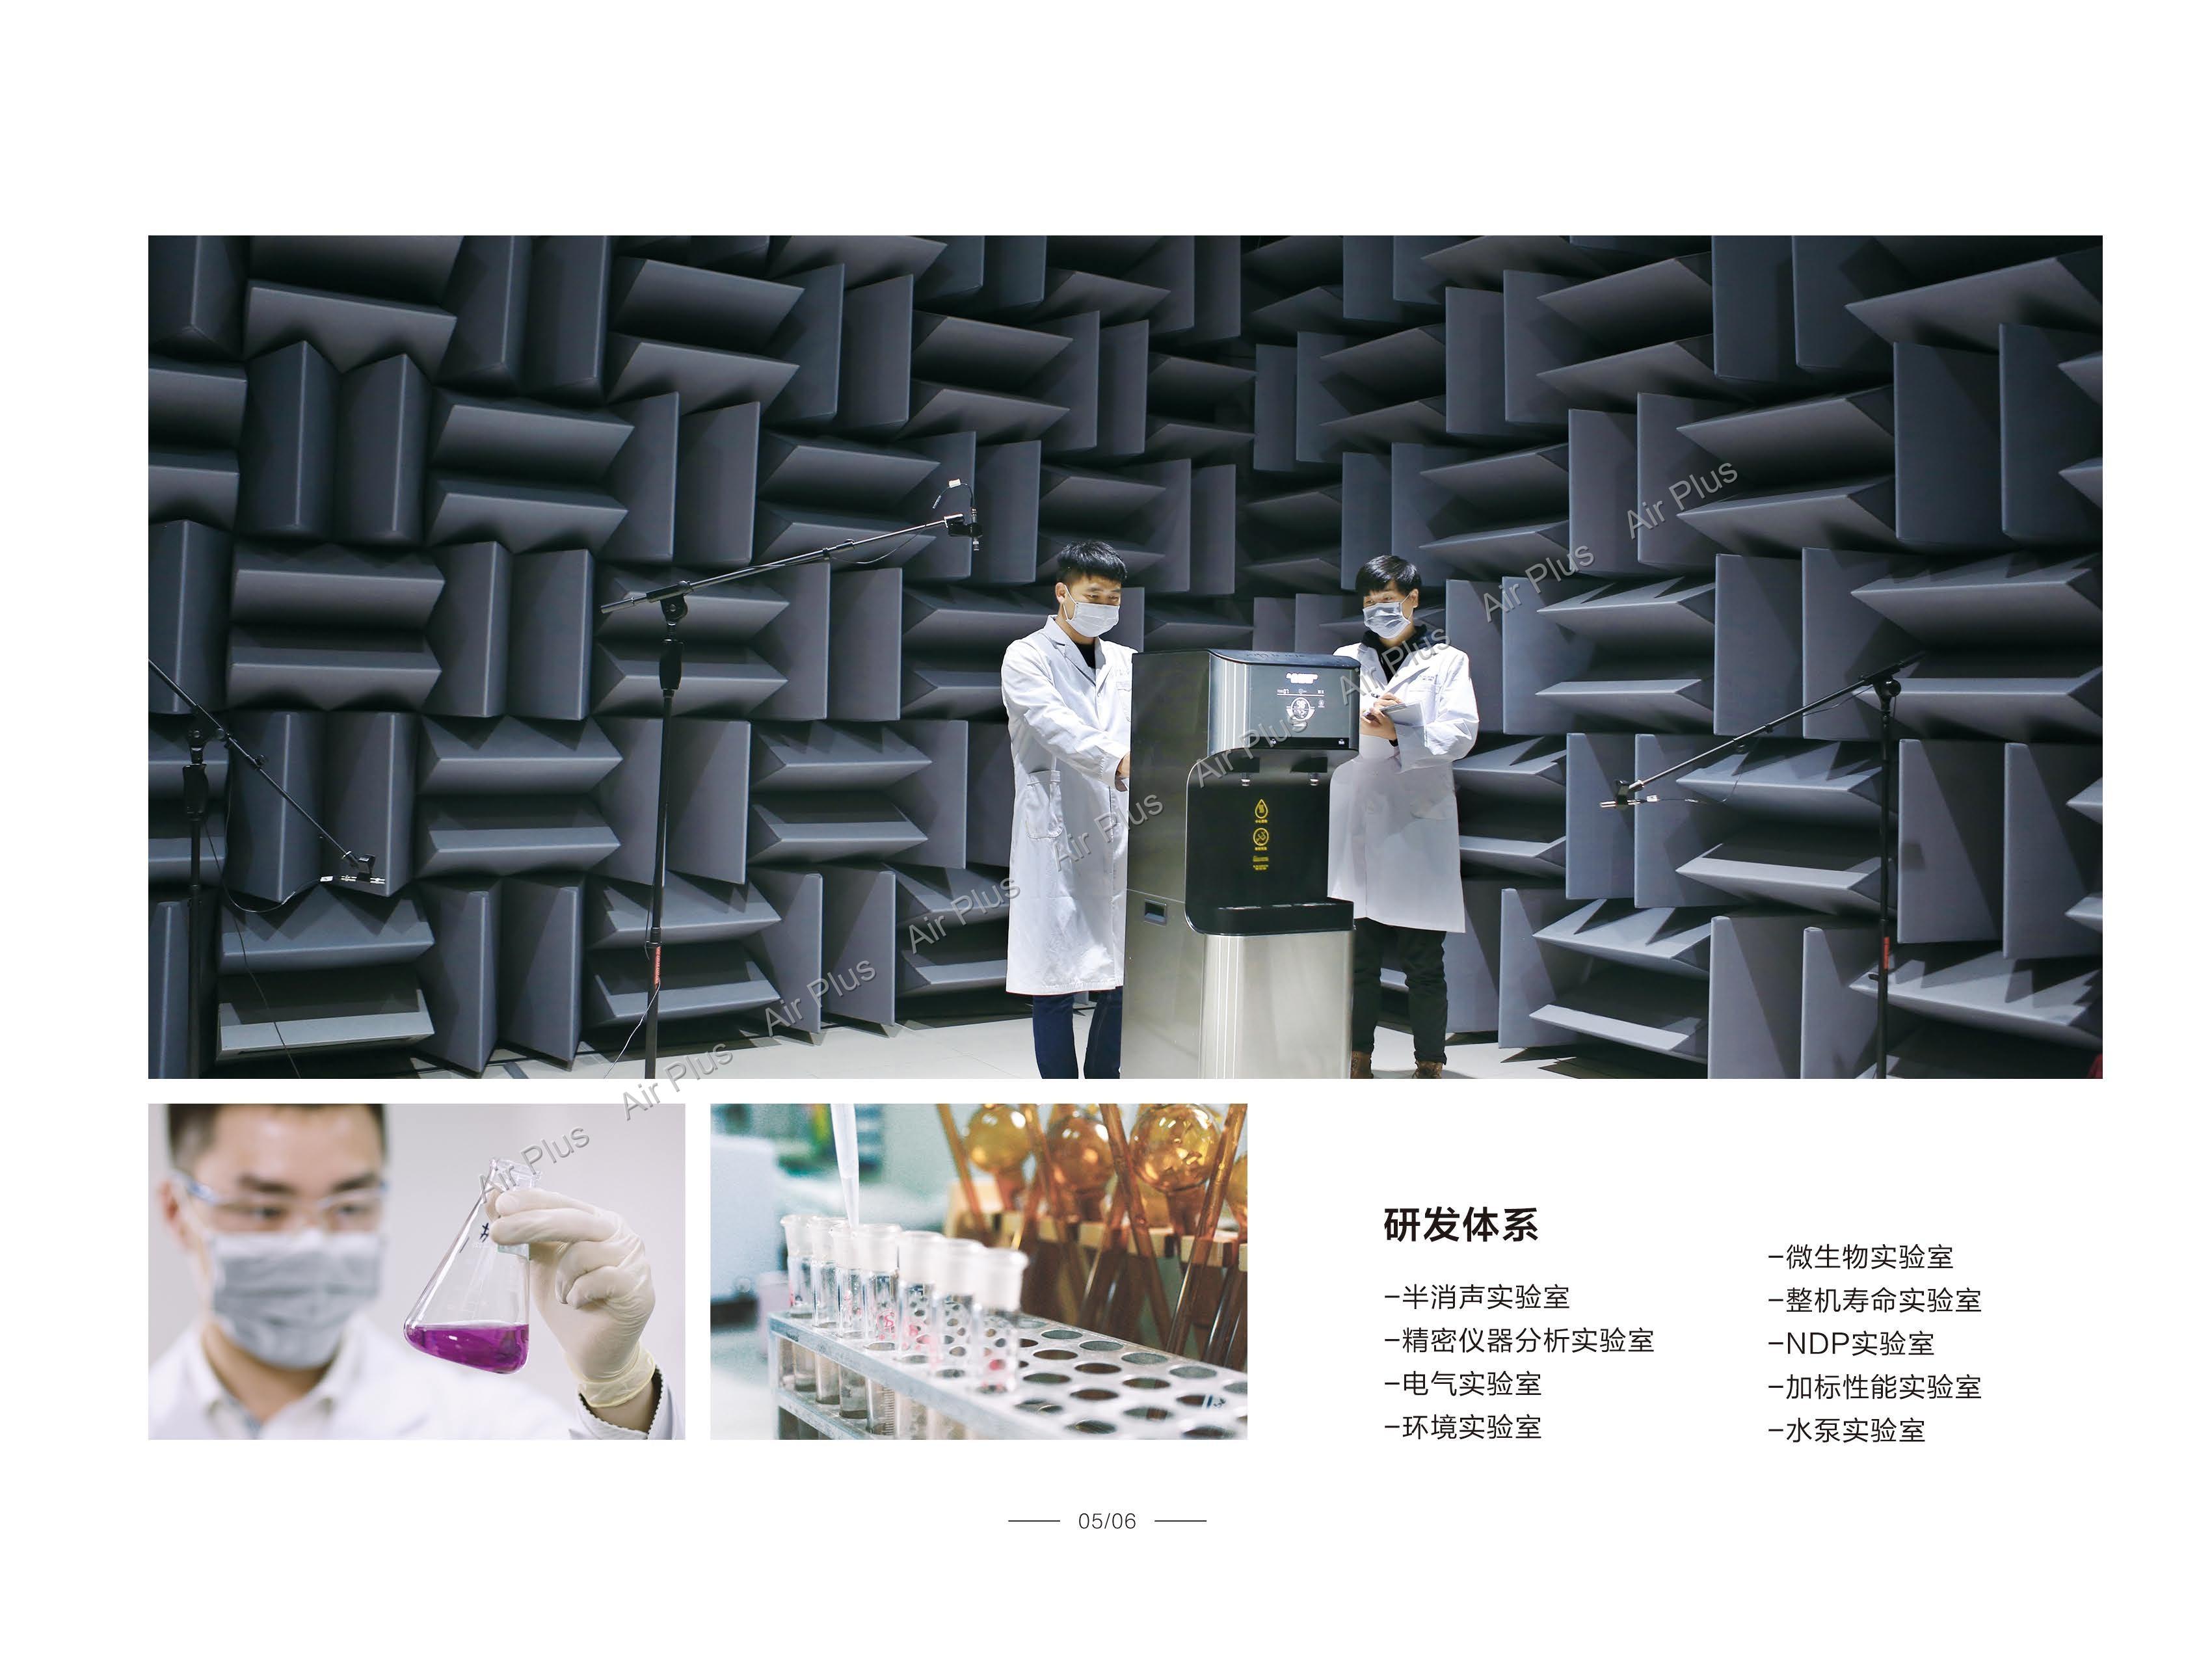 A.O.SMITH商用净水产品手册 手机端(1)_页面_07.jpg